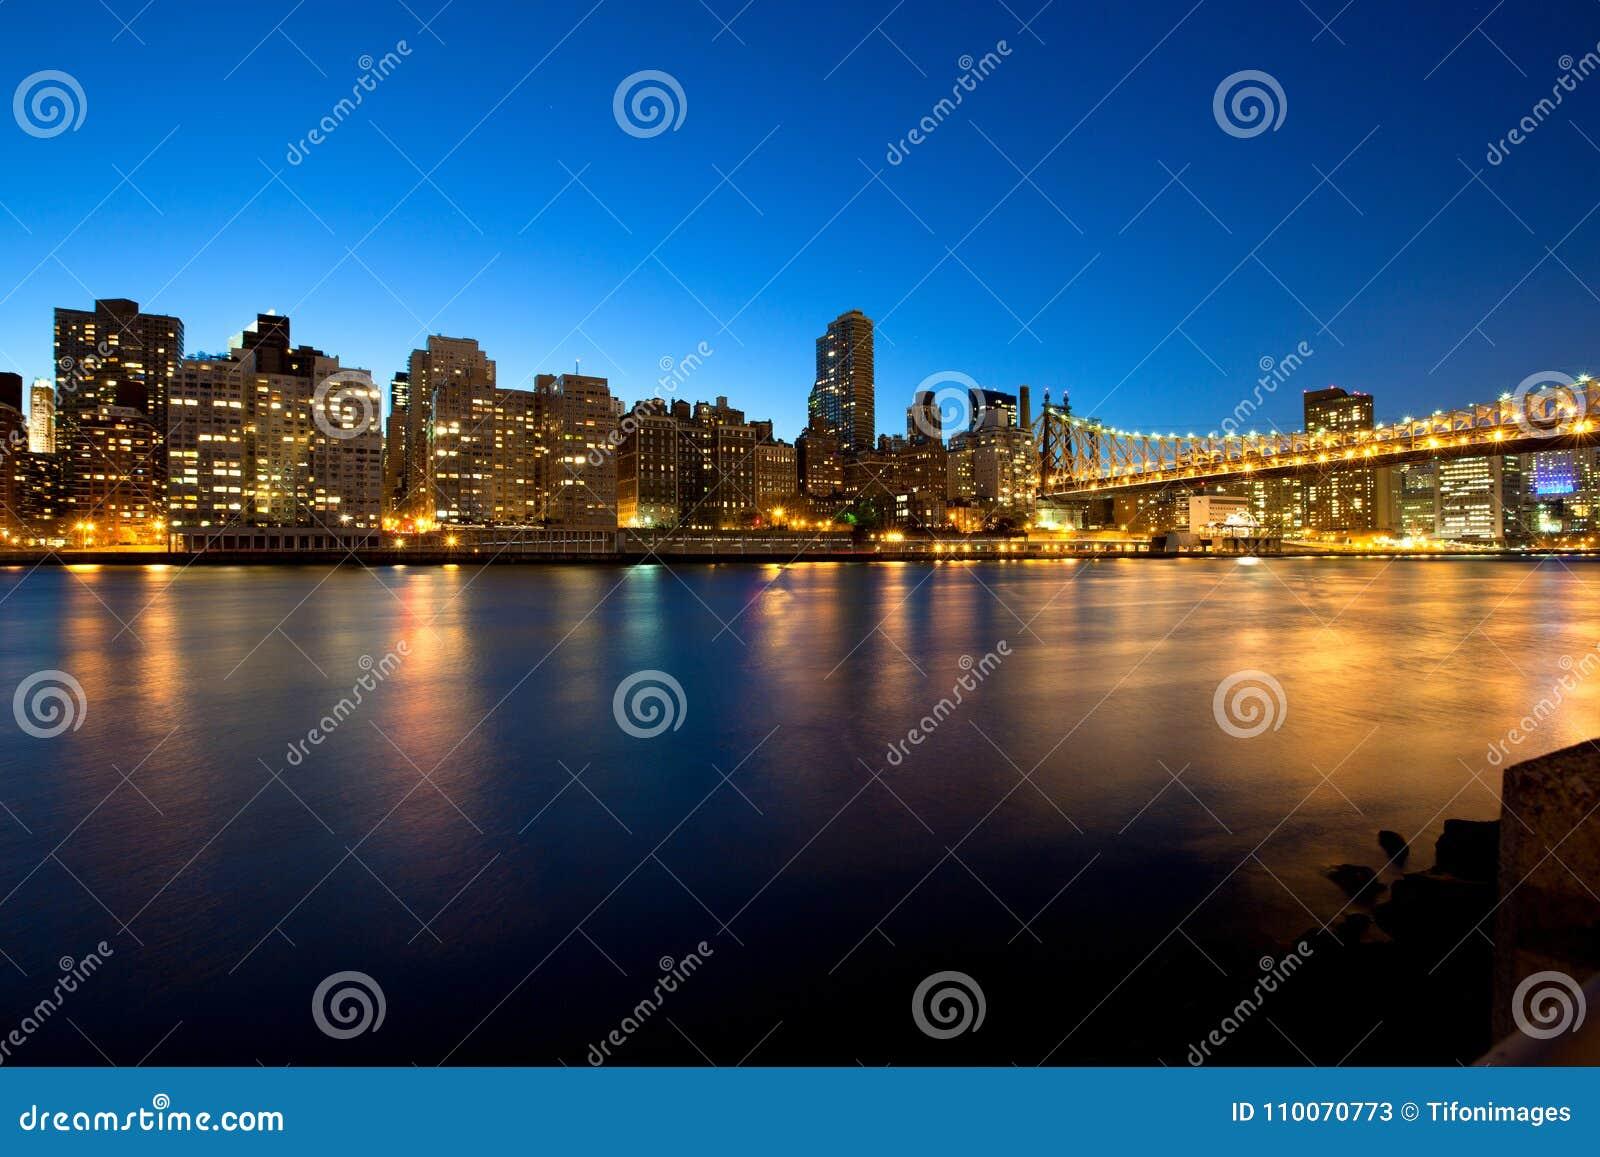 Queensborobrug over de Rivier van het Oosten in de Stad van New York bij nacht